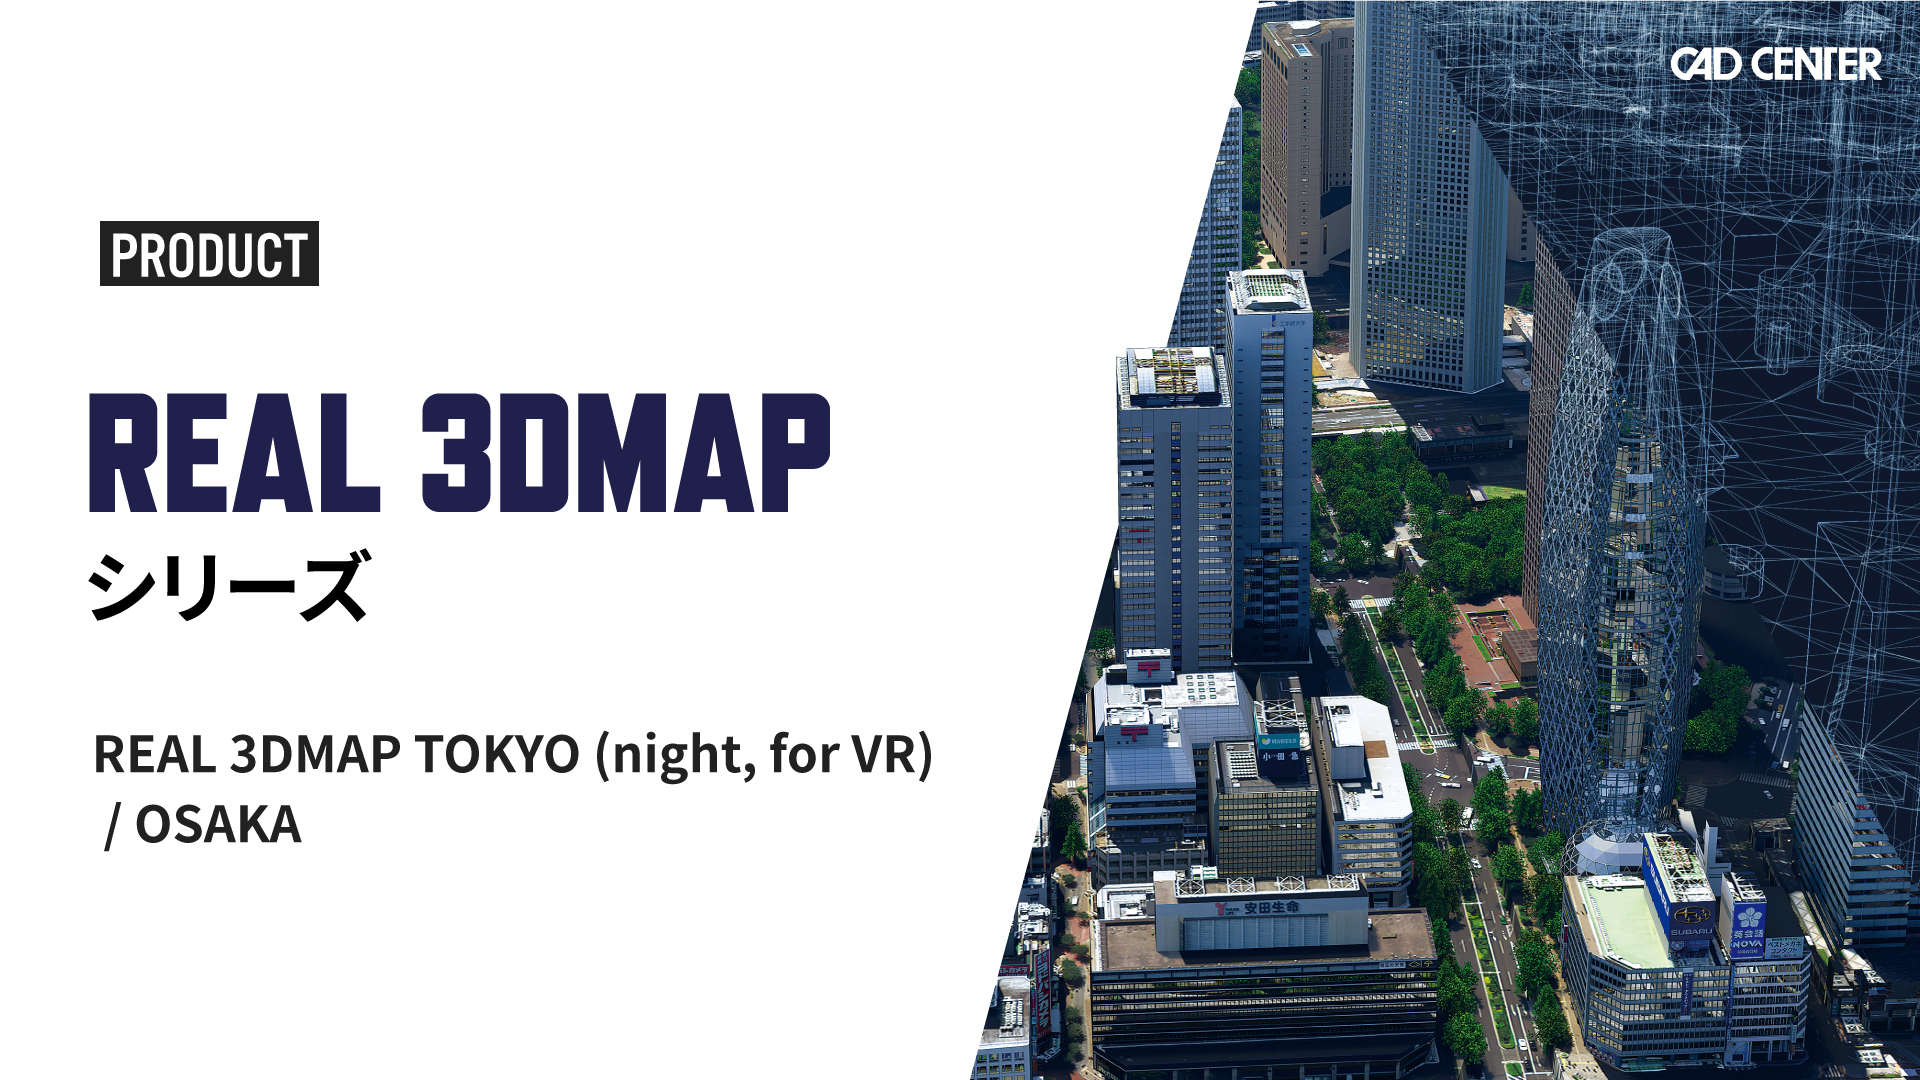 フォト・リアリスティック3次元都市データ REAL 3DMAP シリーズ概要です。